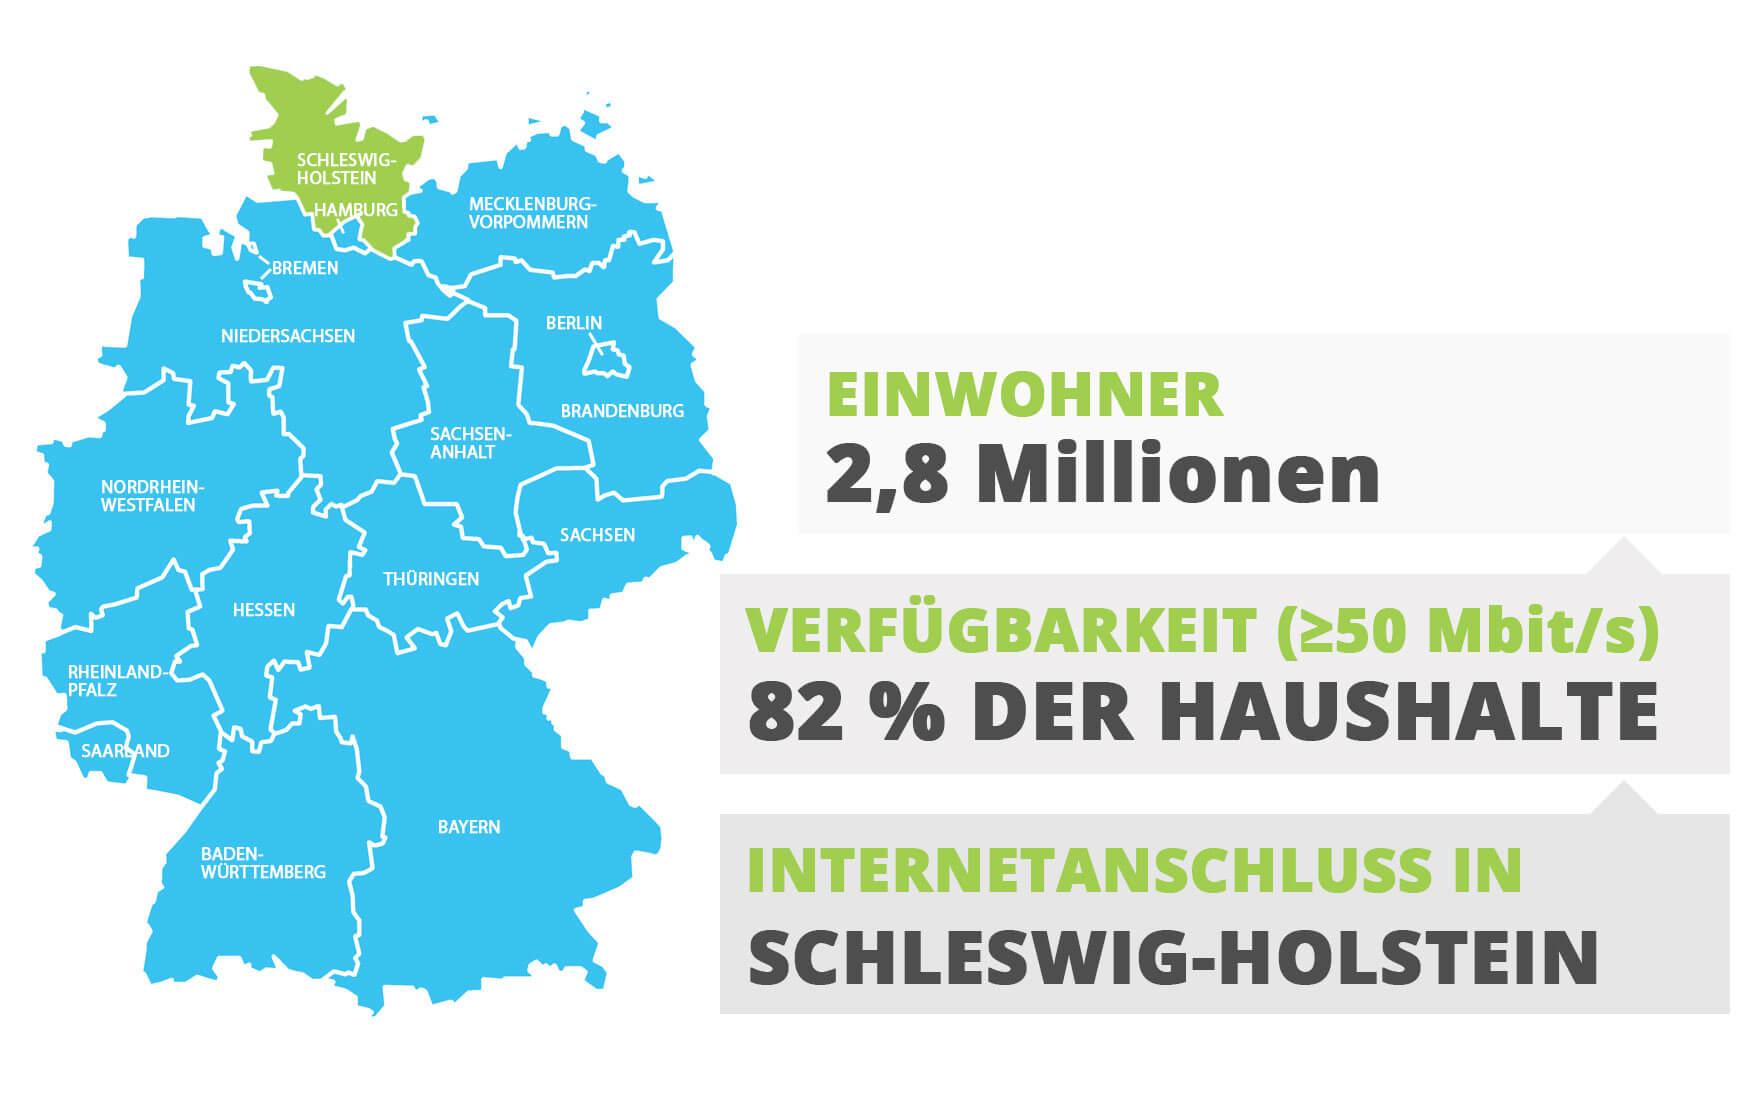 Internetanschluss in Schleswig-Holstein